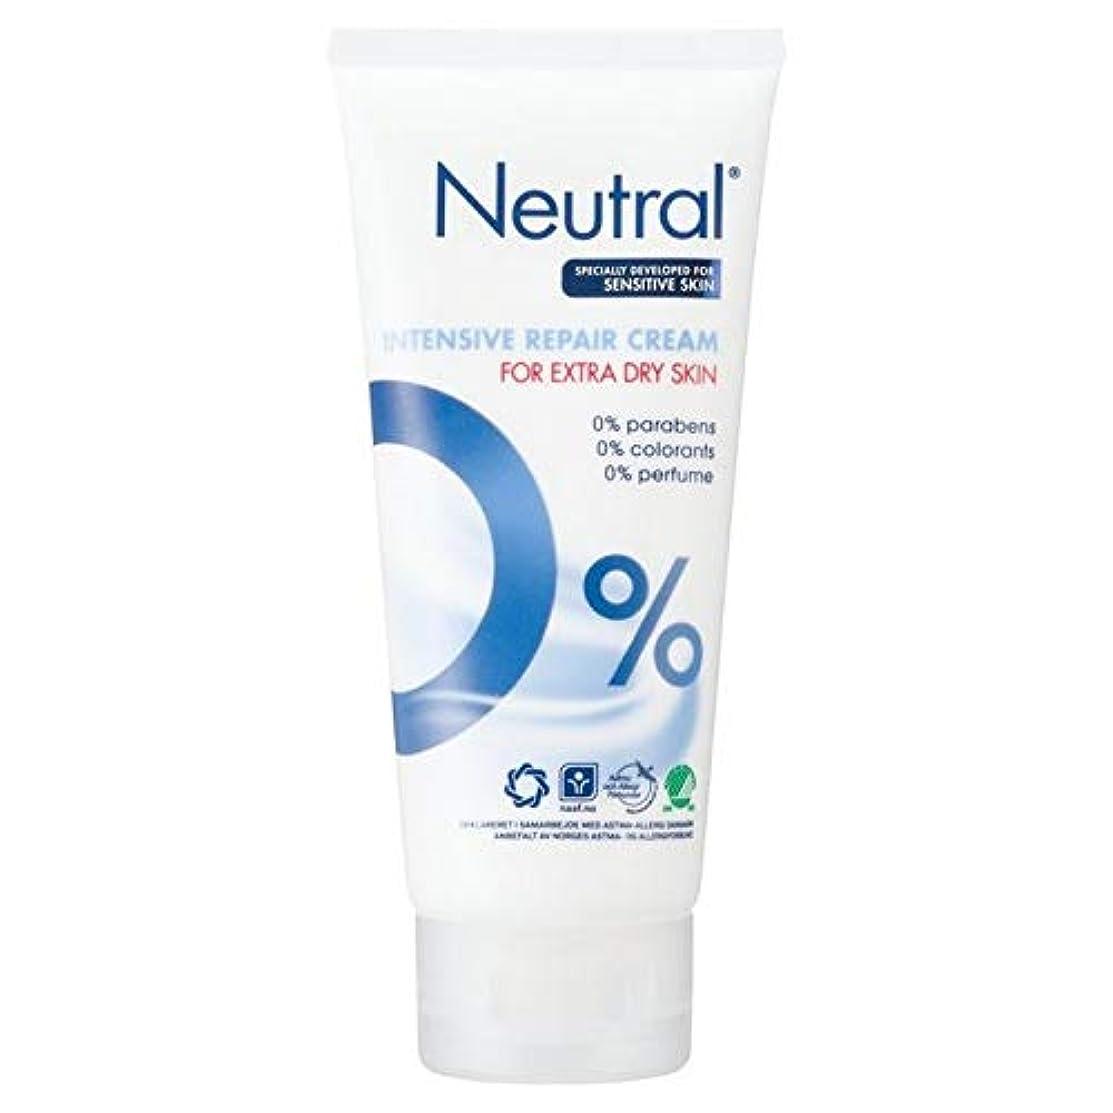 航空会社矢弾性[Neutral ] ニュートラル0%の集中リペアクリーム100ミリリットル - Neutral 0% Intensive Repair Cream 100ml [並行輸入品]